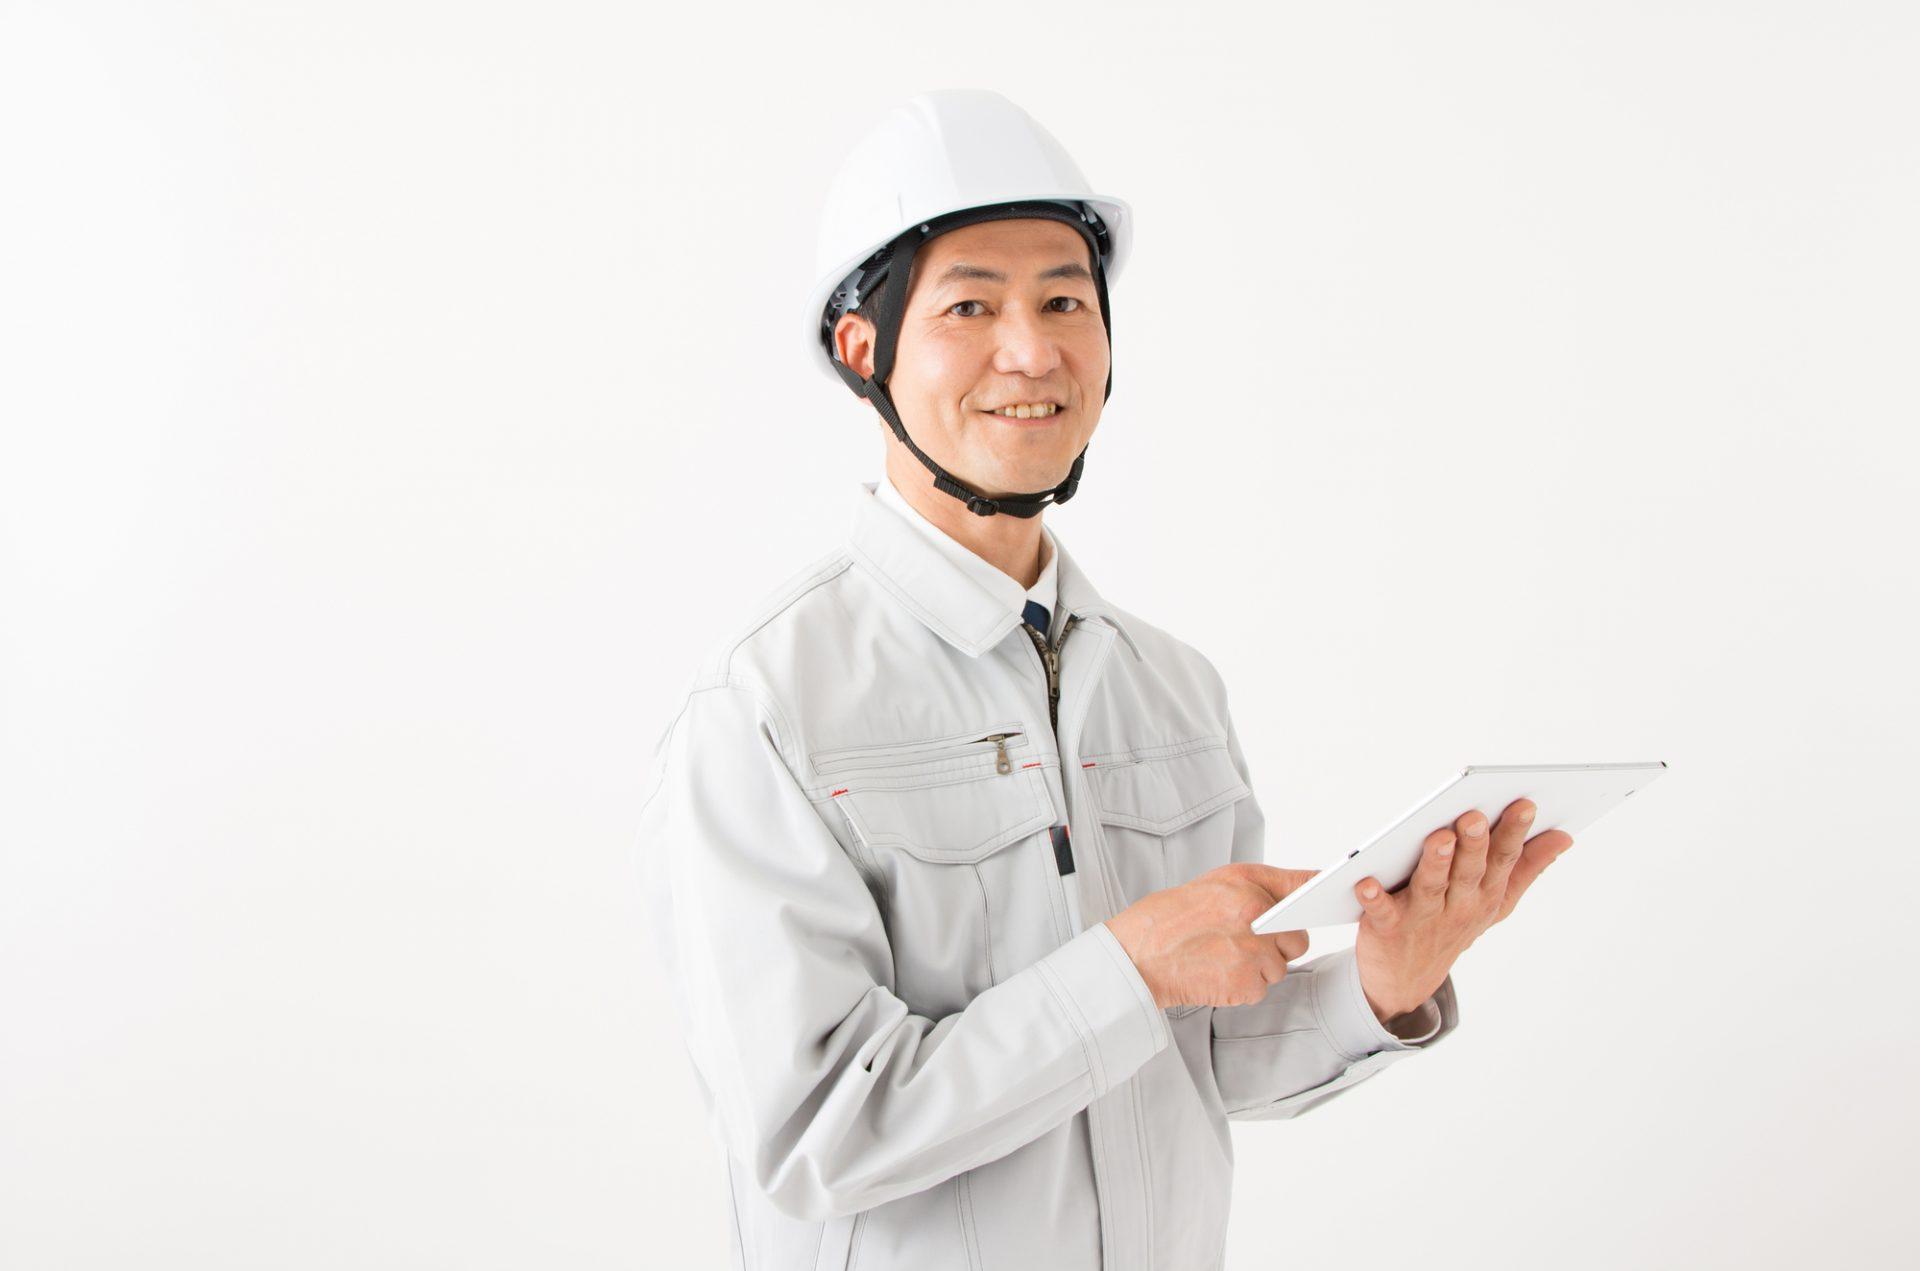 給排水申請書も自動で!水道工事の図面の書き方が変わる